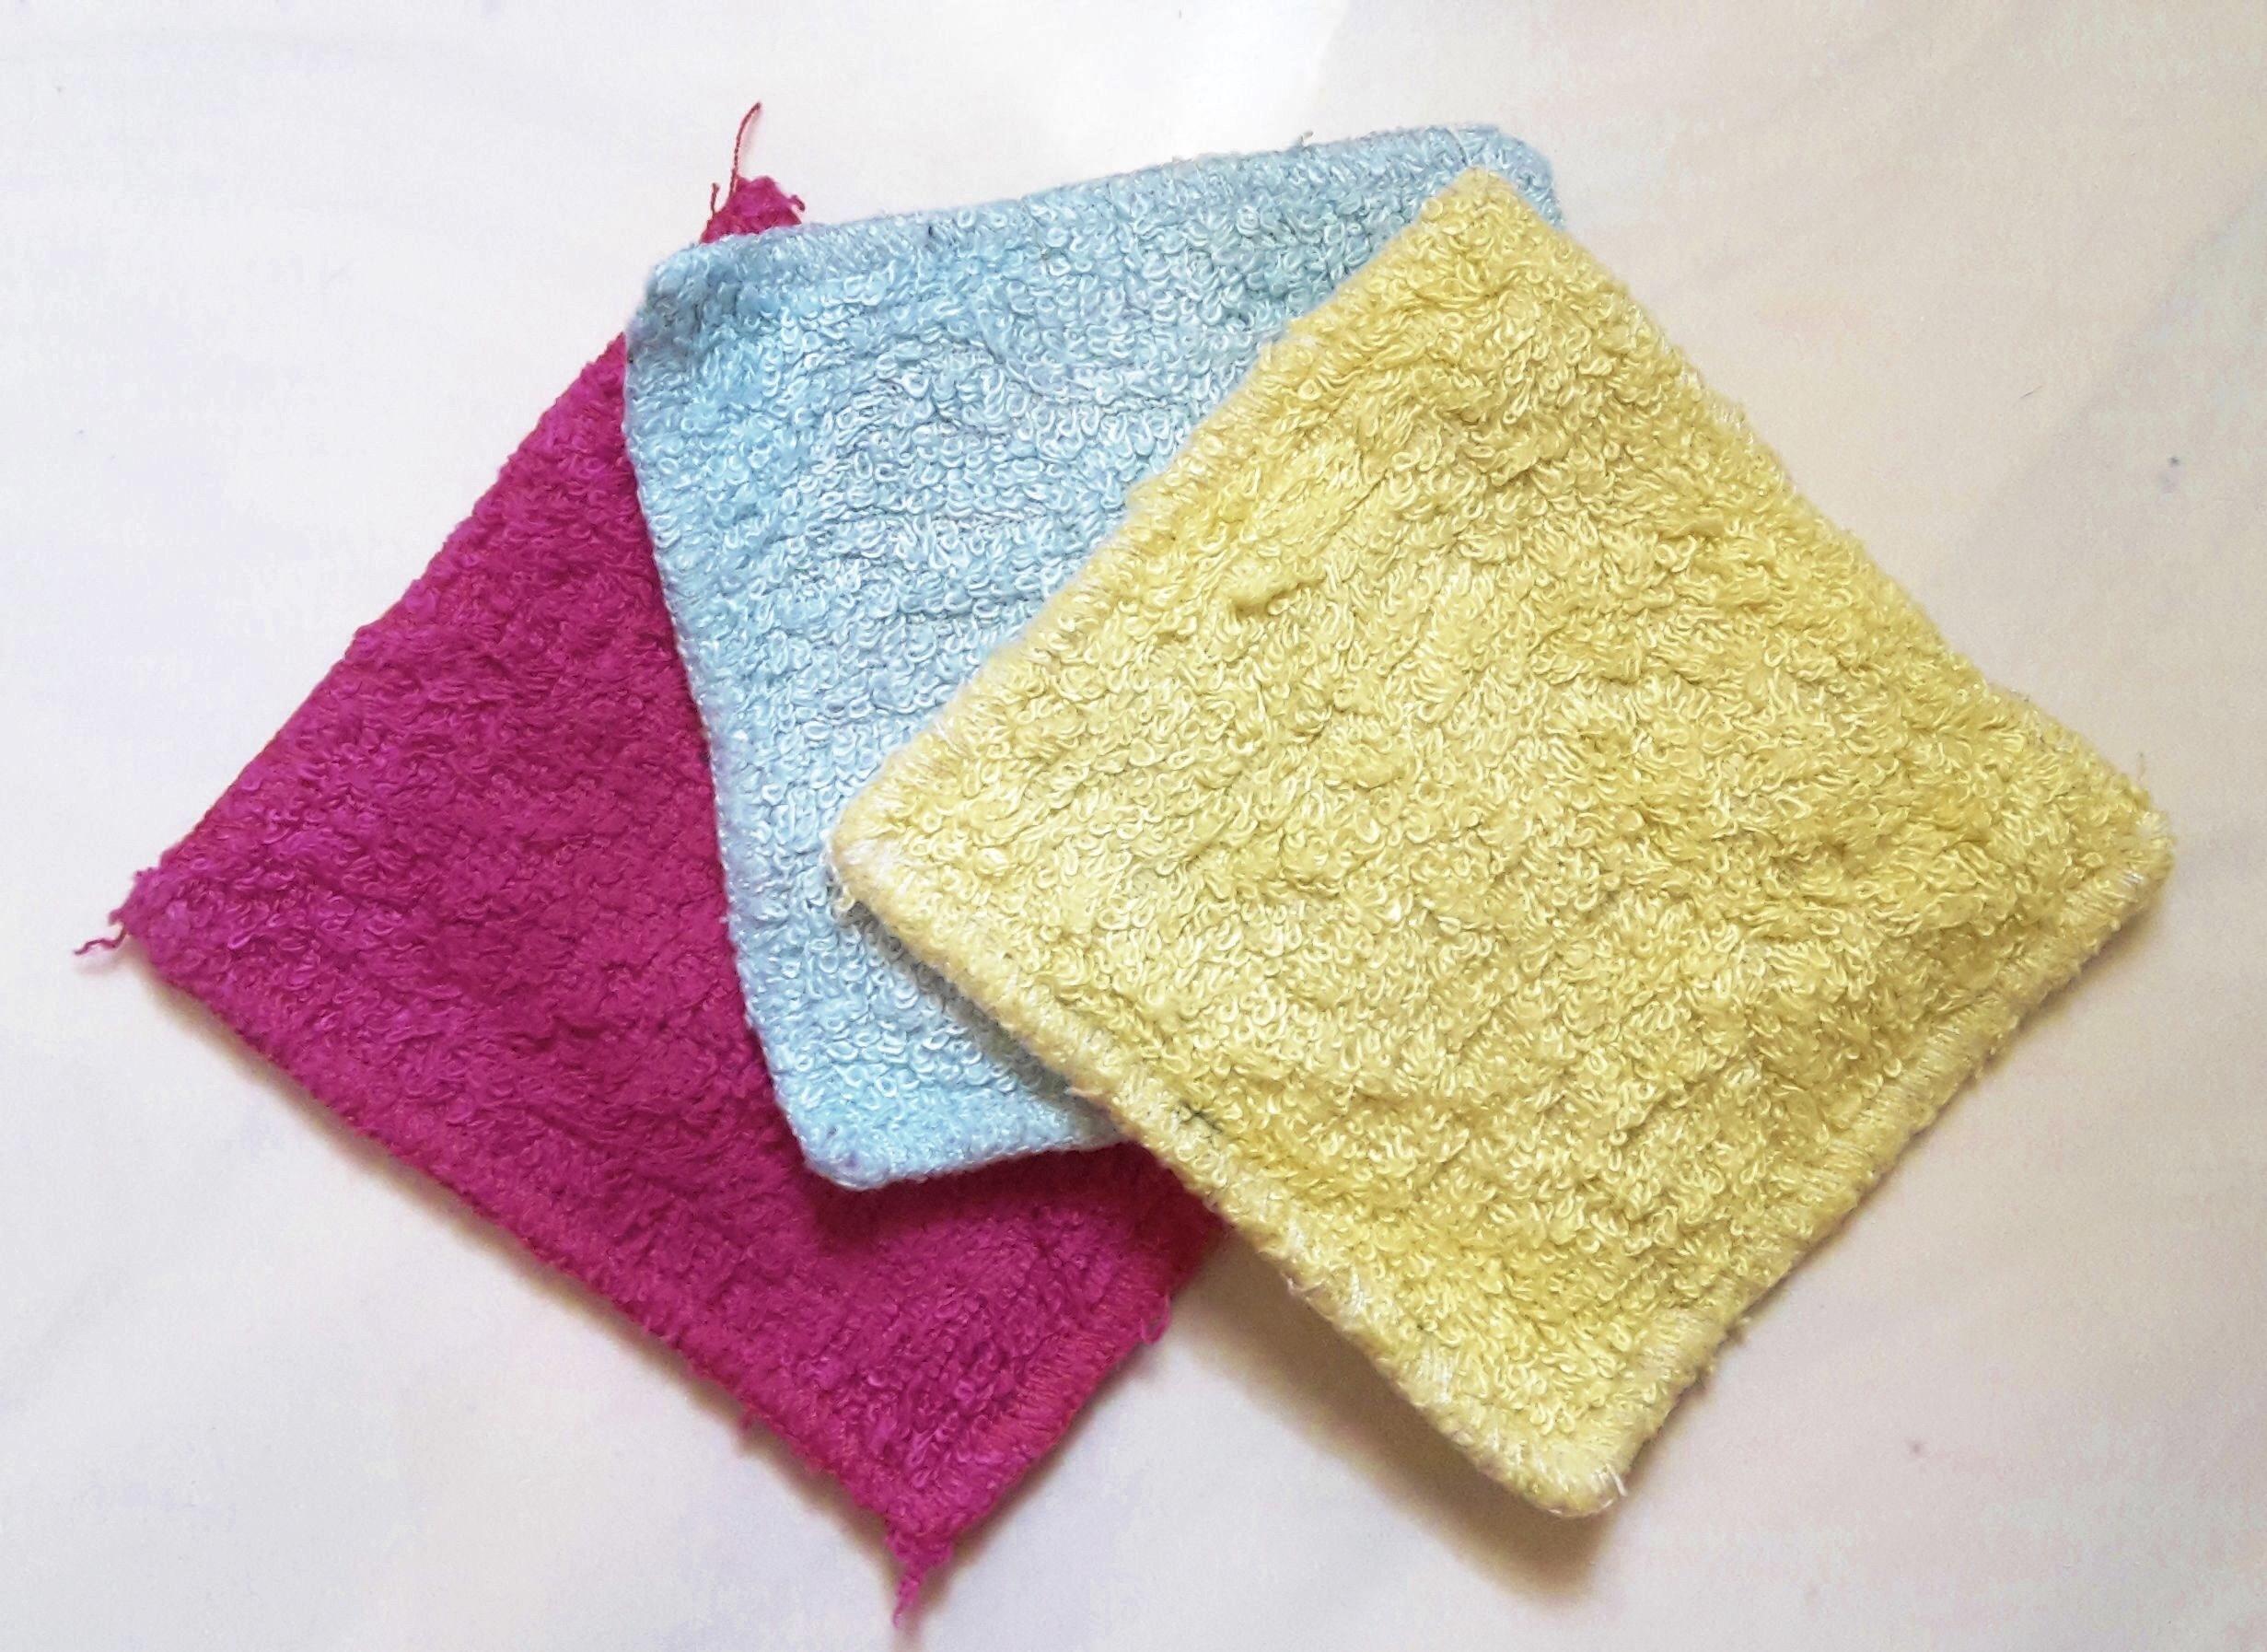 coton en tissu pour voyager